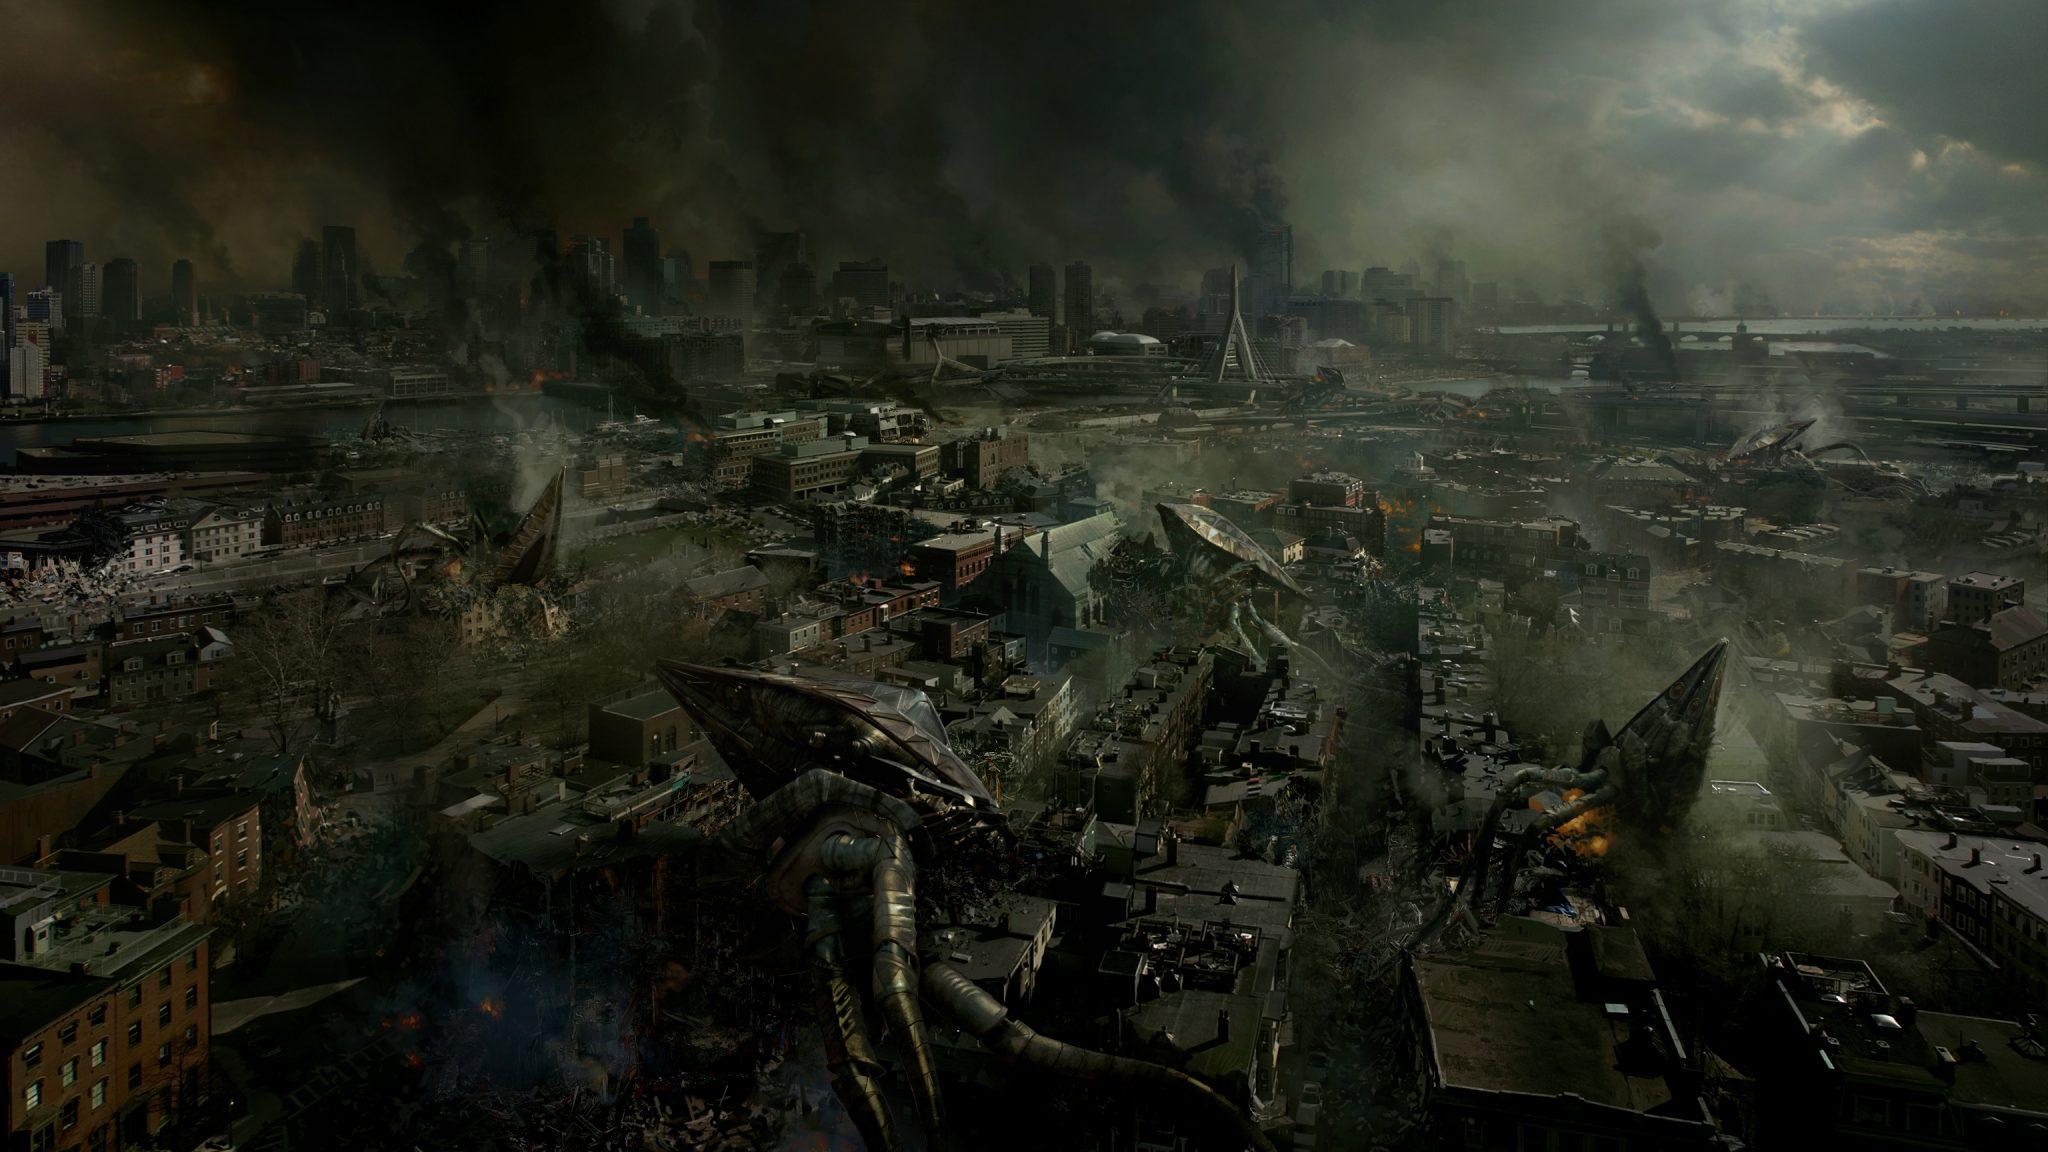 digital-painting-dusso-alien-invasion-city